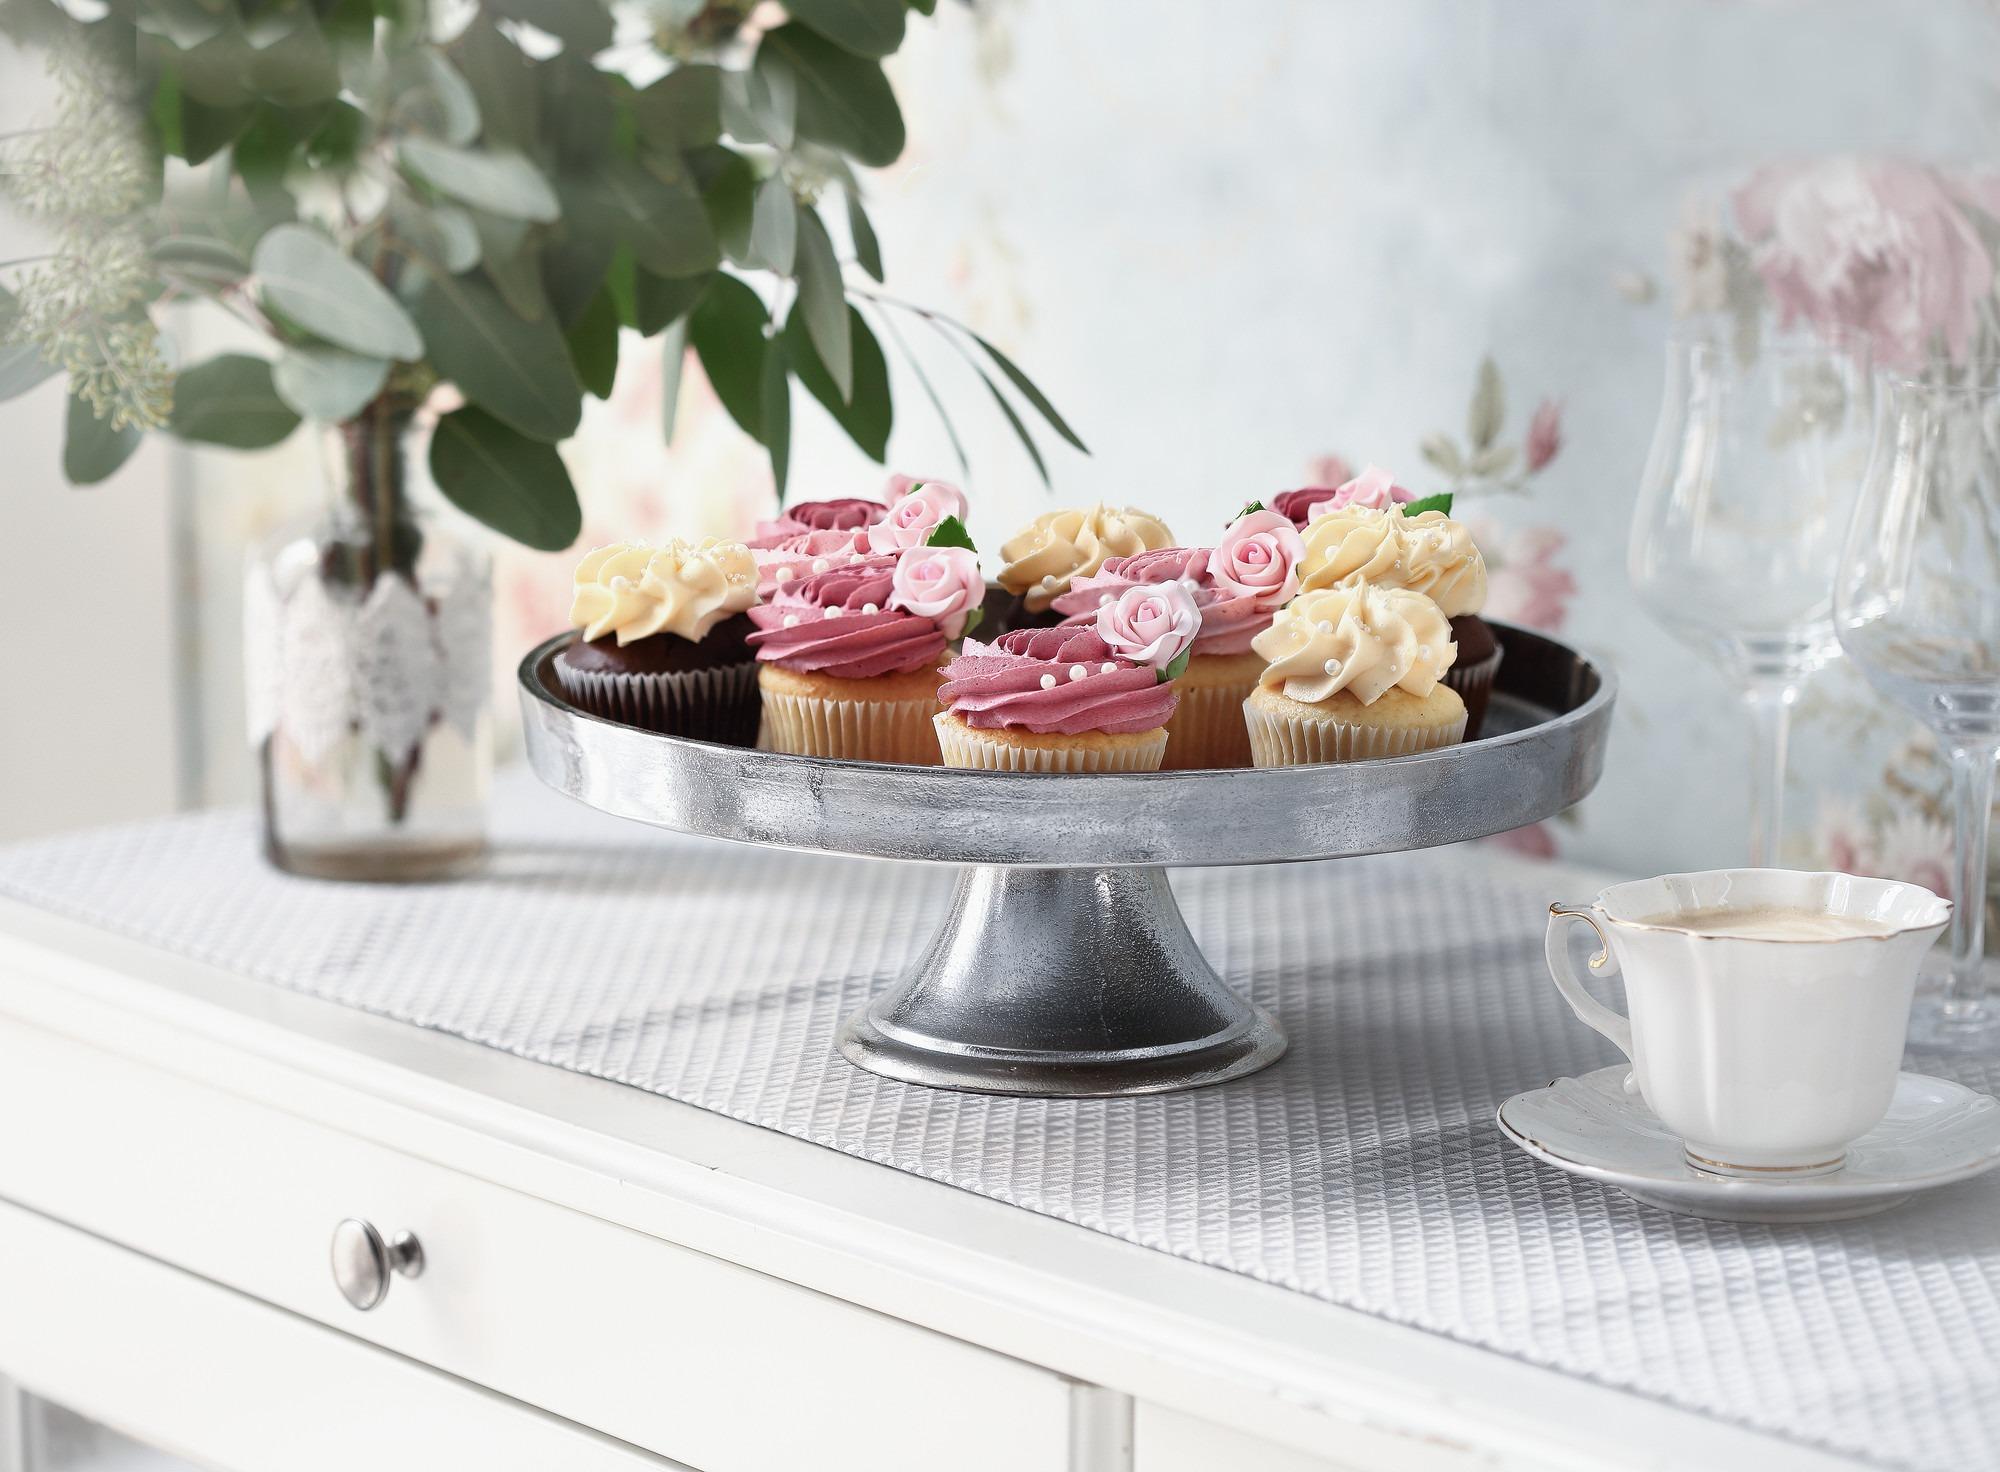 Schale mit Muffins